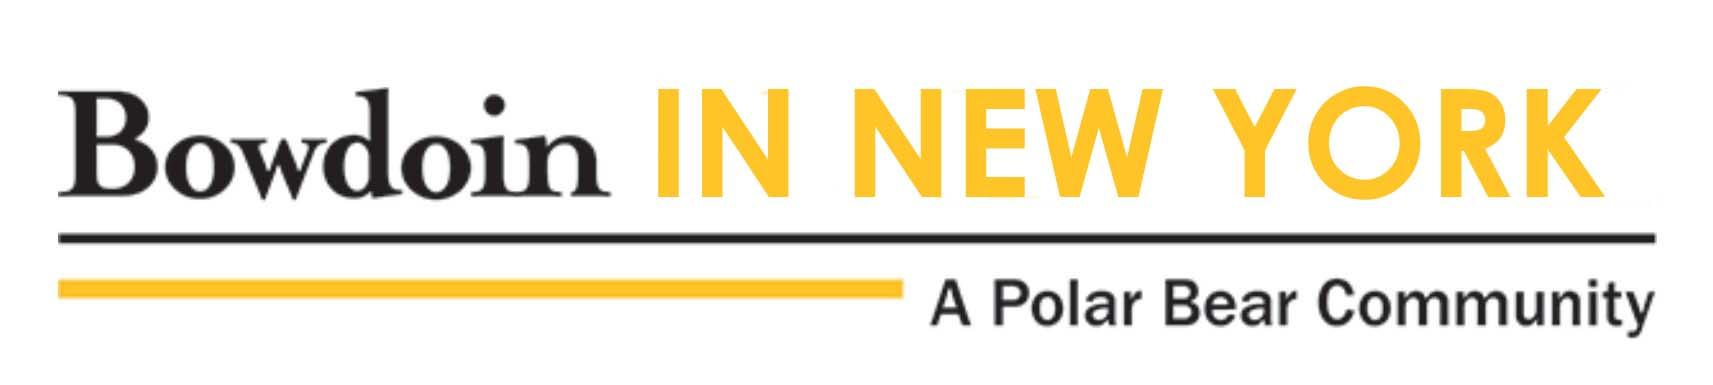 Bowdoin in New York Logo